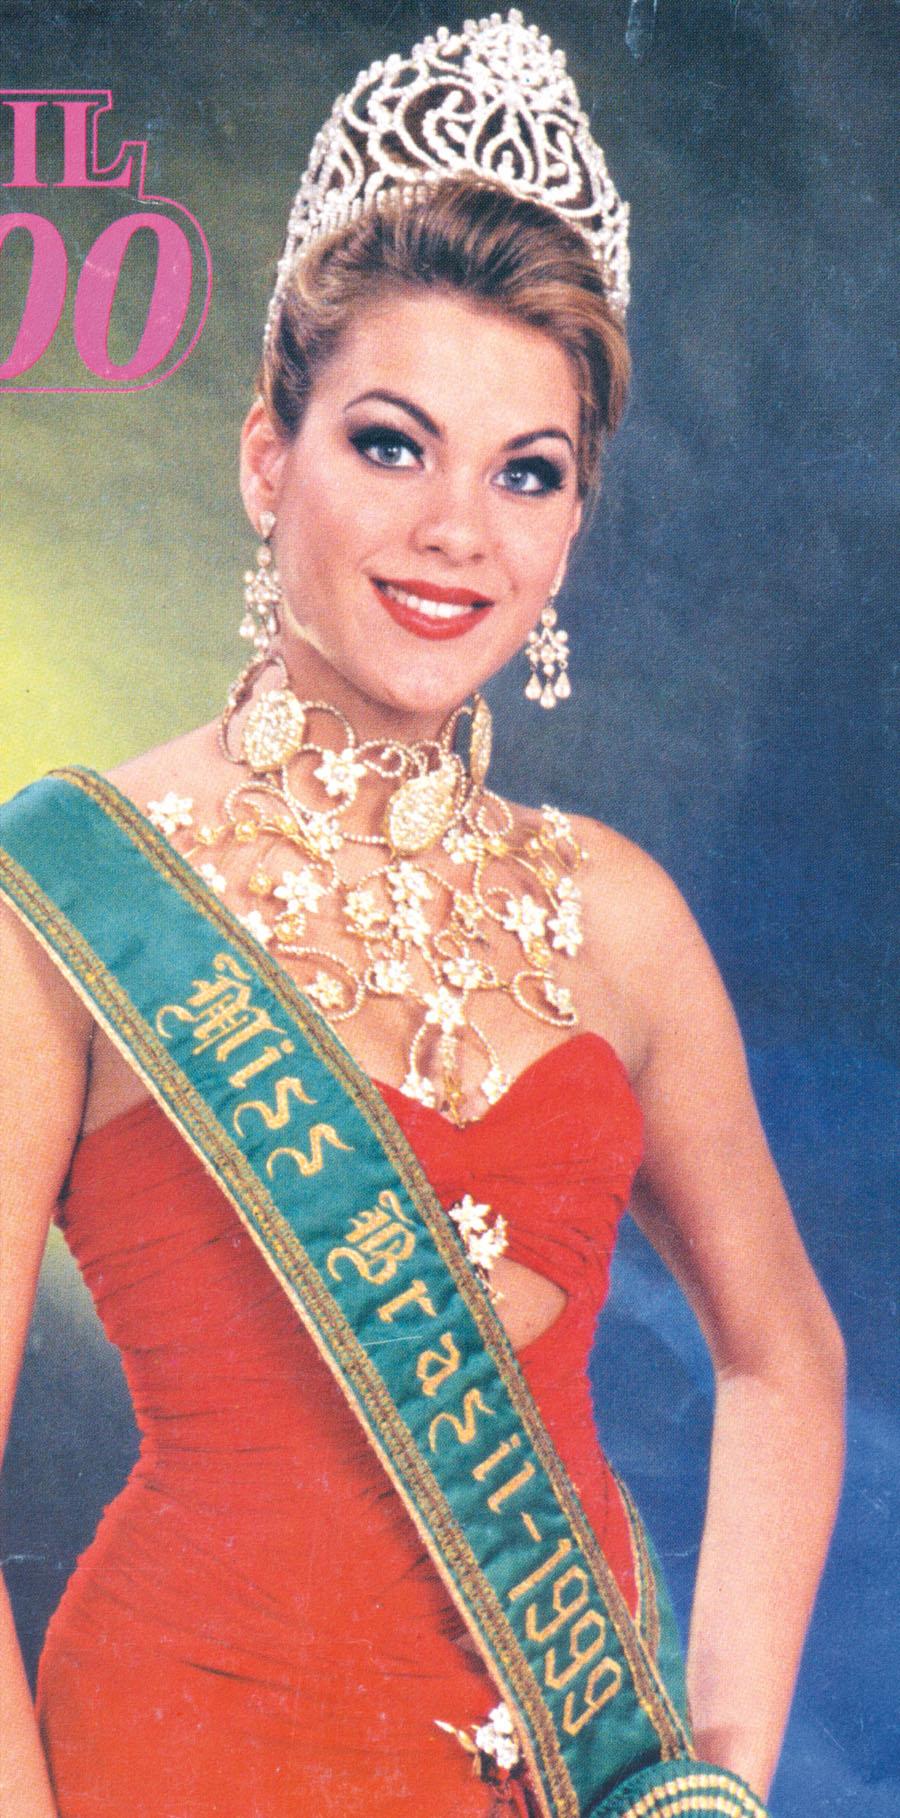 Em 1999, Renata representou o Brasil no Miss Universo e levou o 12° lugar